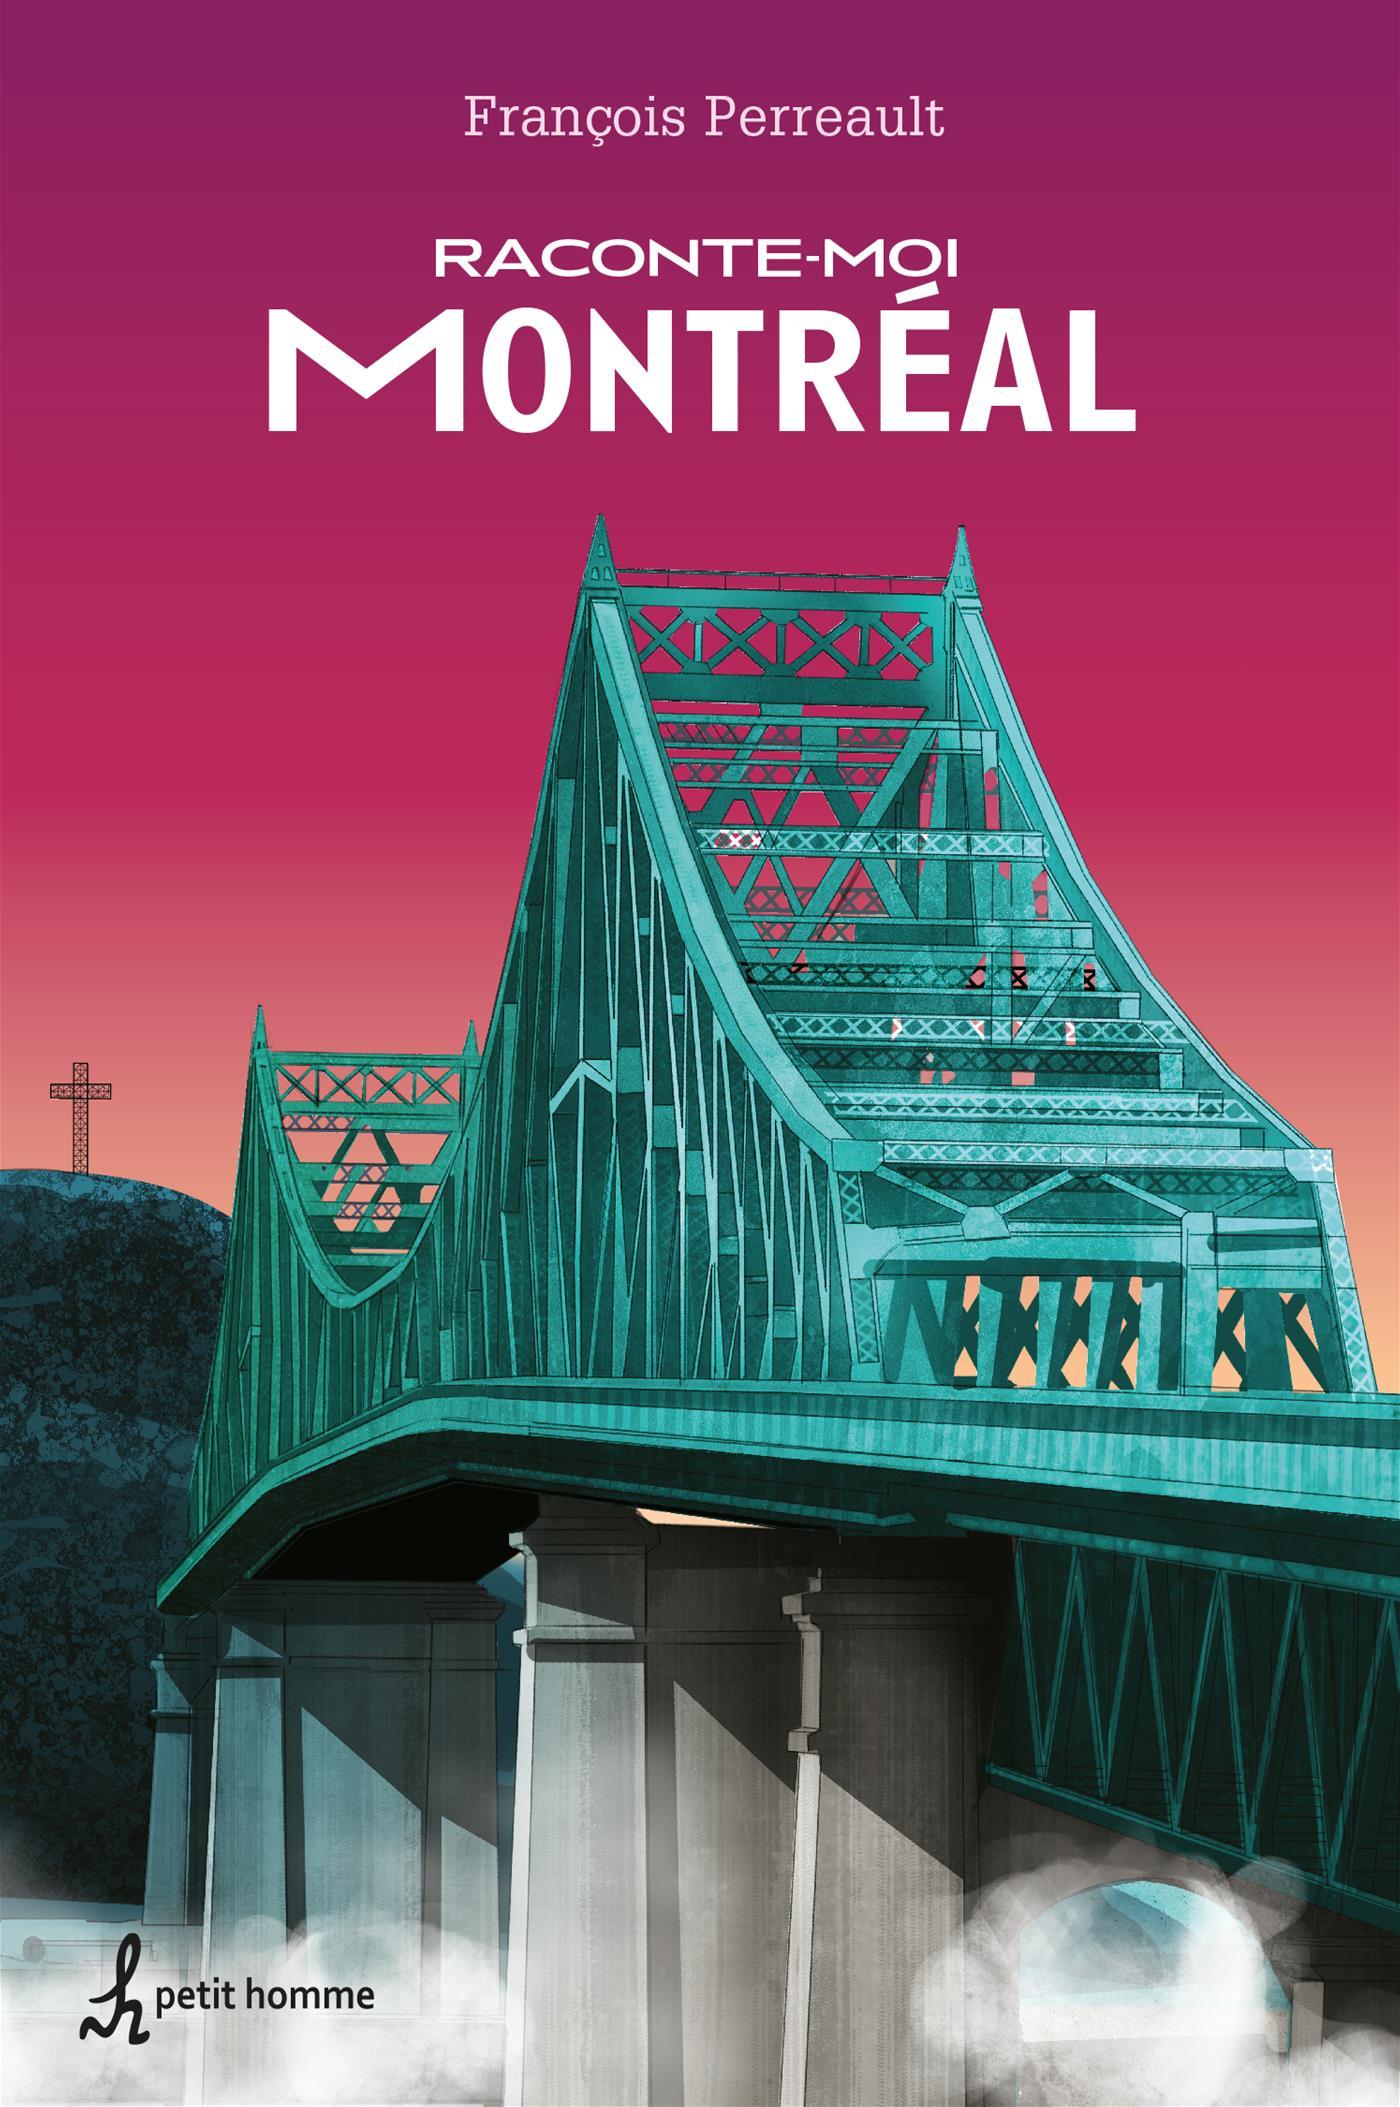 Raconte-moi Montréal